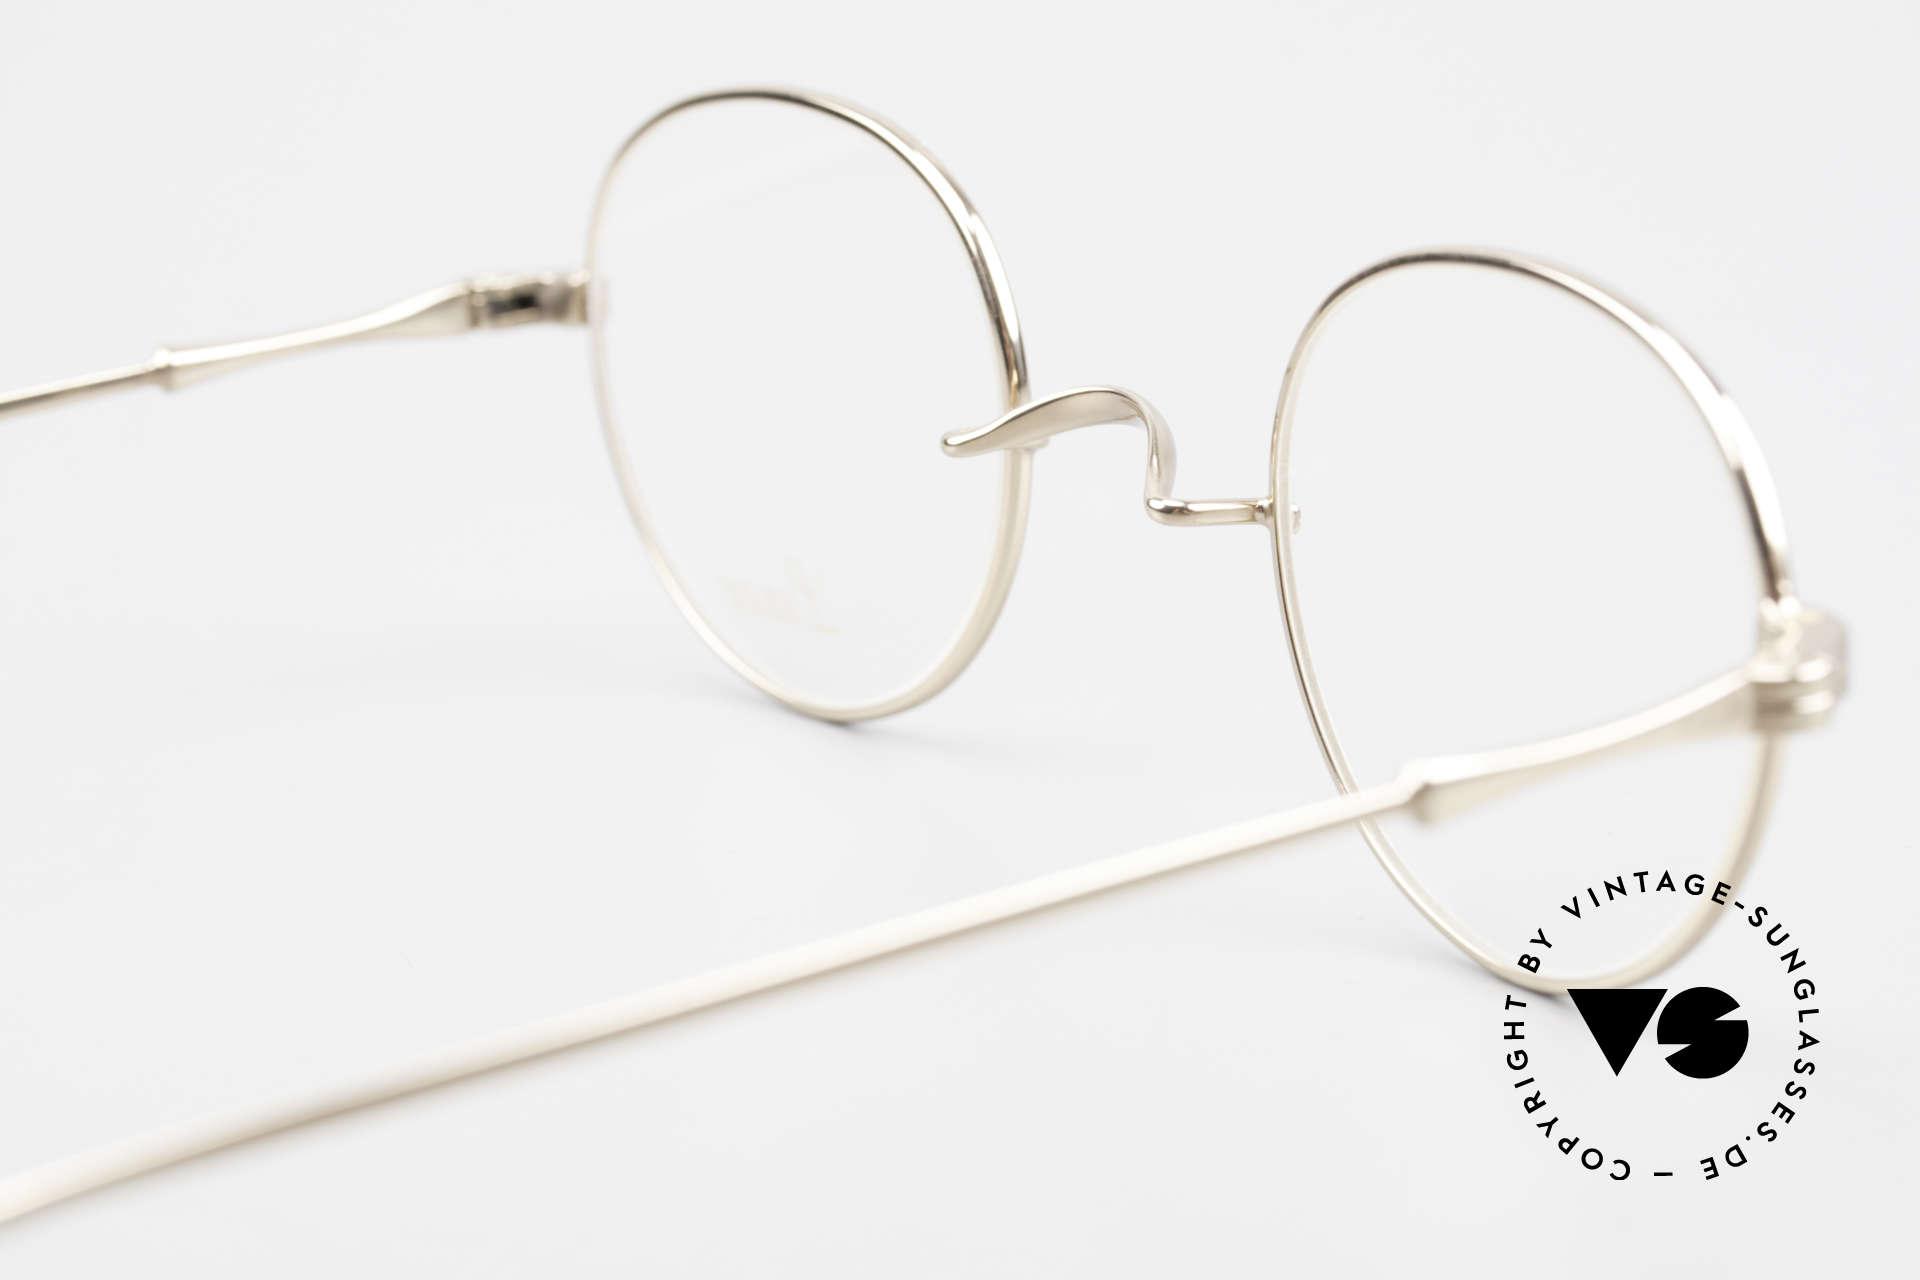 Lunor II 22 Lunor Brille Vergoldet Panto, Größe: medium, Passend für Herren und Damen